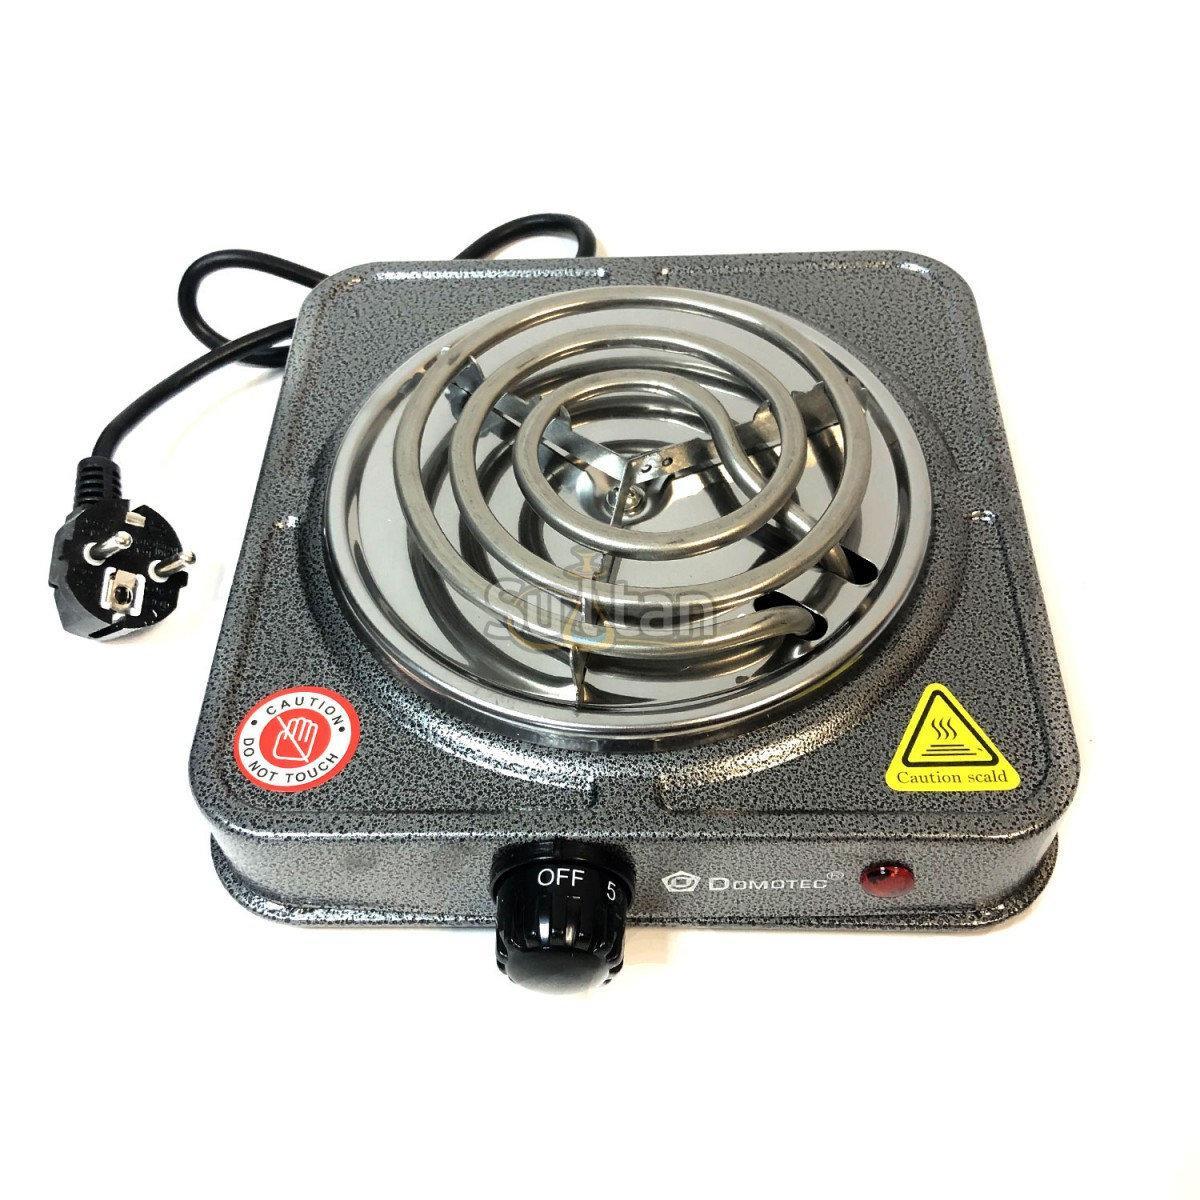 Электроплита Domotec MS-5801 электрическая плита настольная